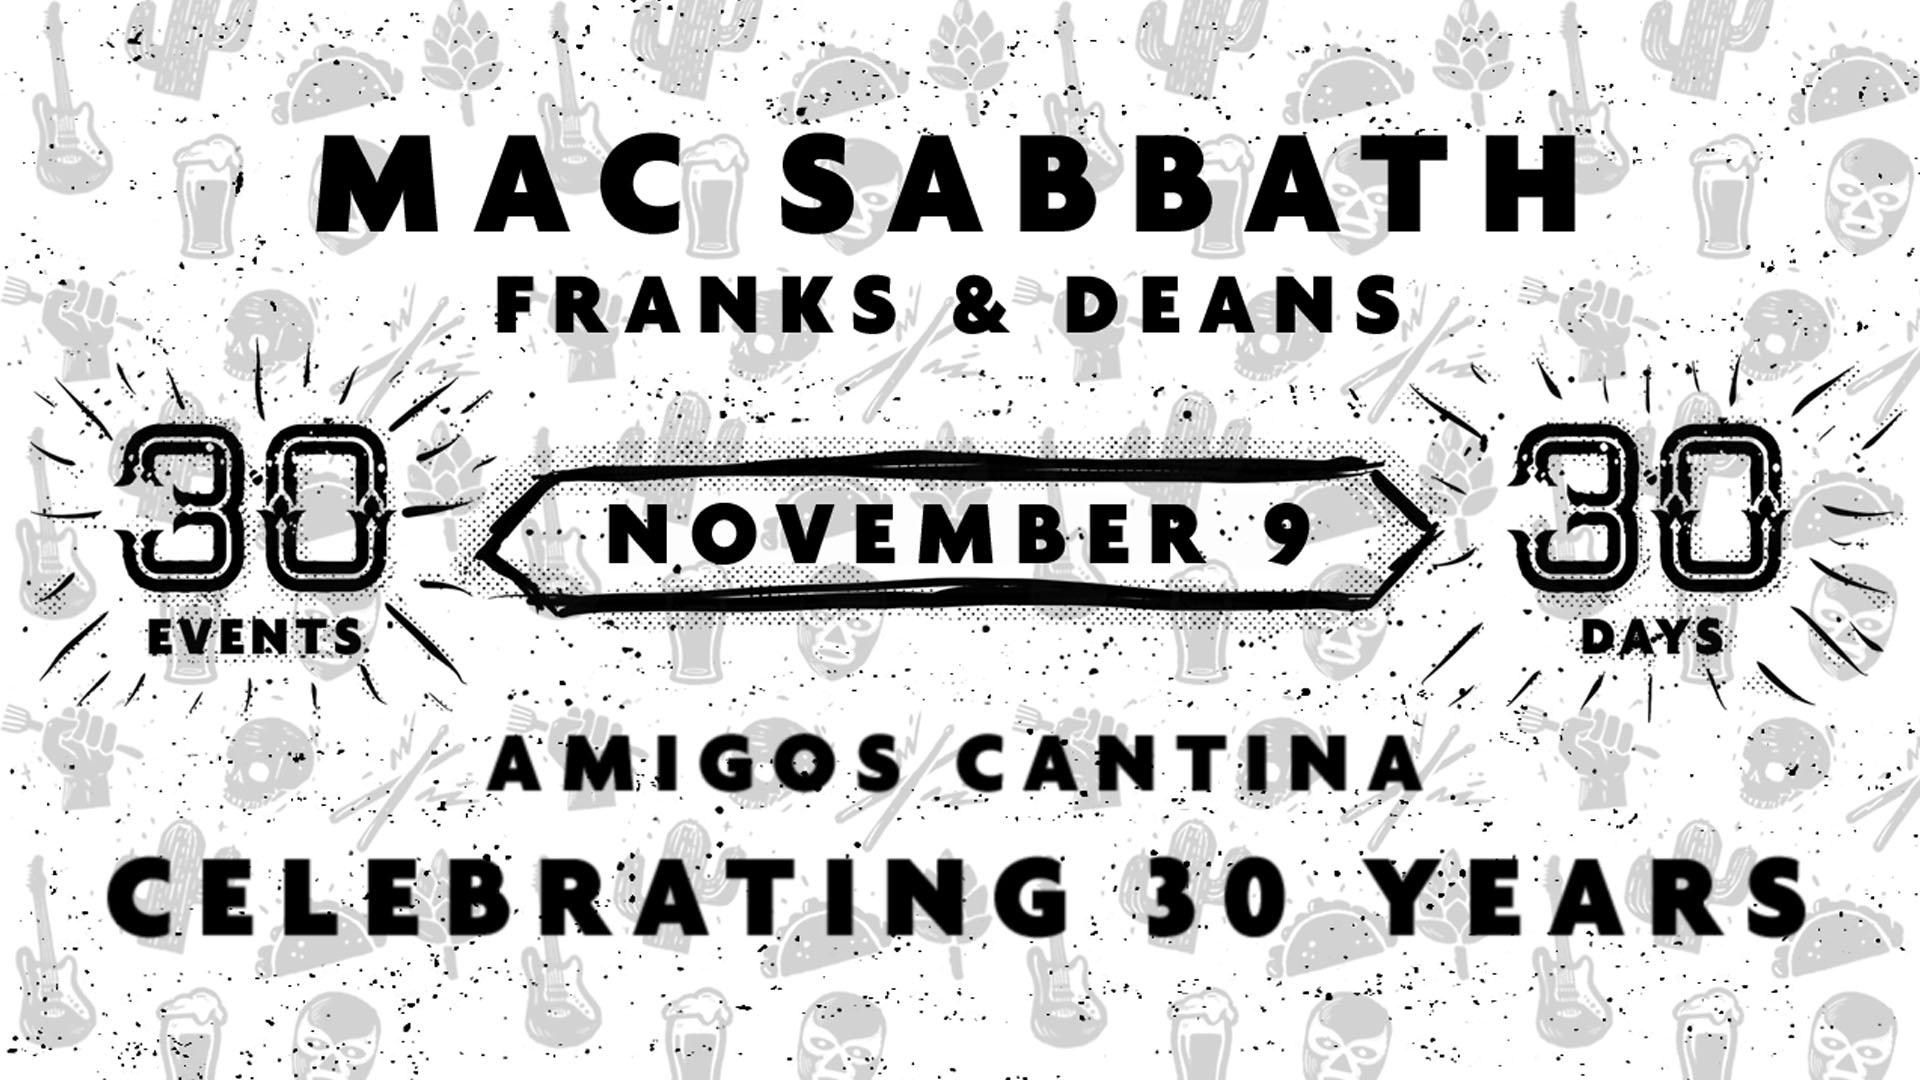 Mac Sabbath w/ Franks & Deans